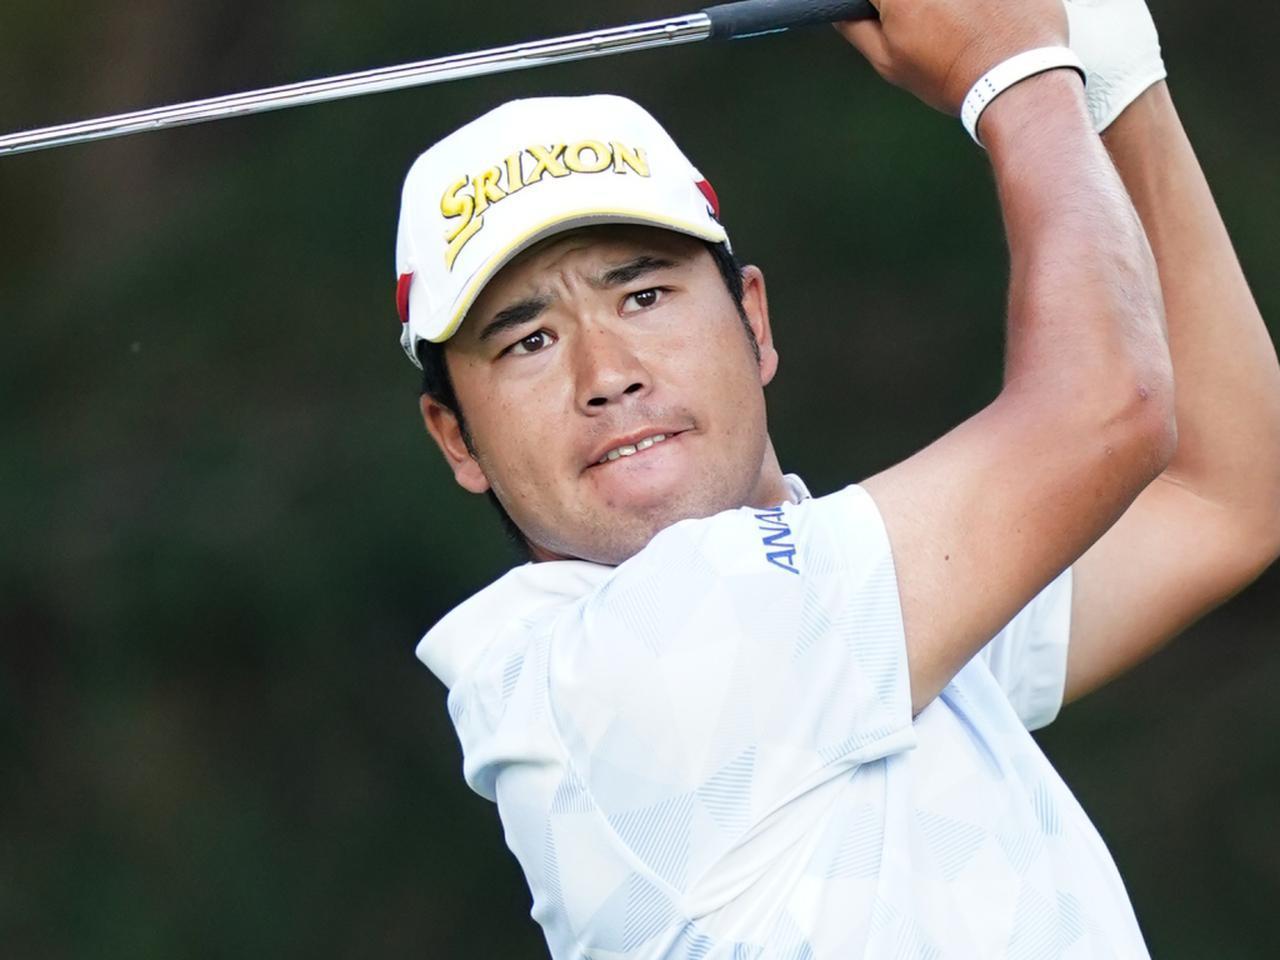 画像: 松山英樹はPGAツアー2019-20年シーズン最終戦「ツアー選手権」に出場を果たしたことでオーガスタの切符を掴んだ